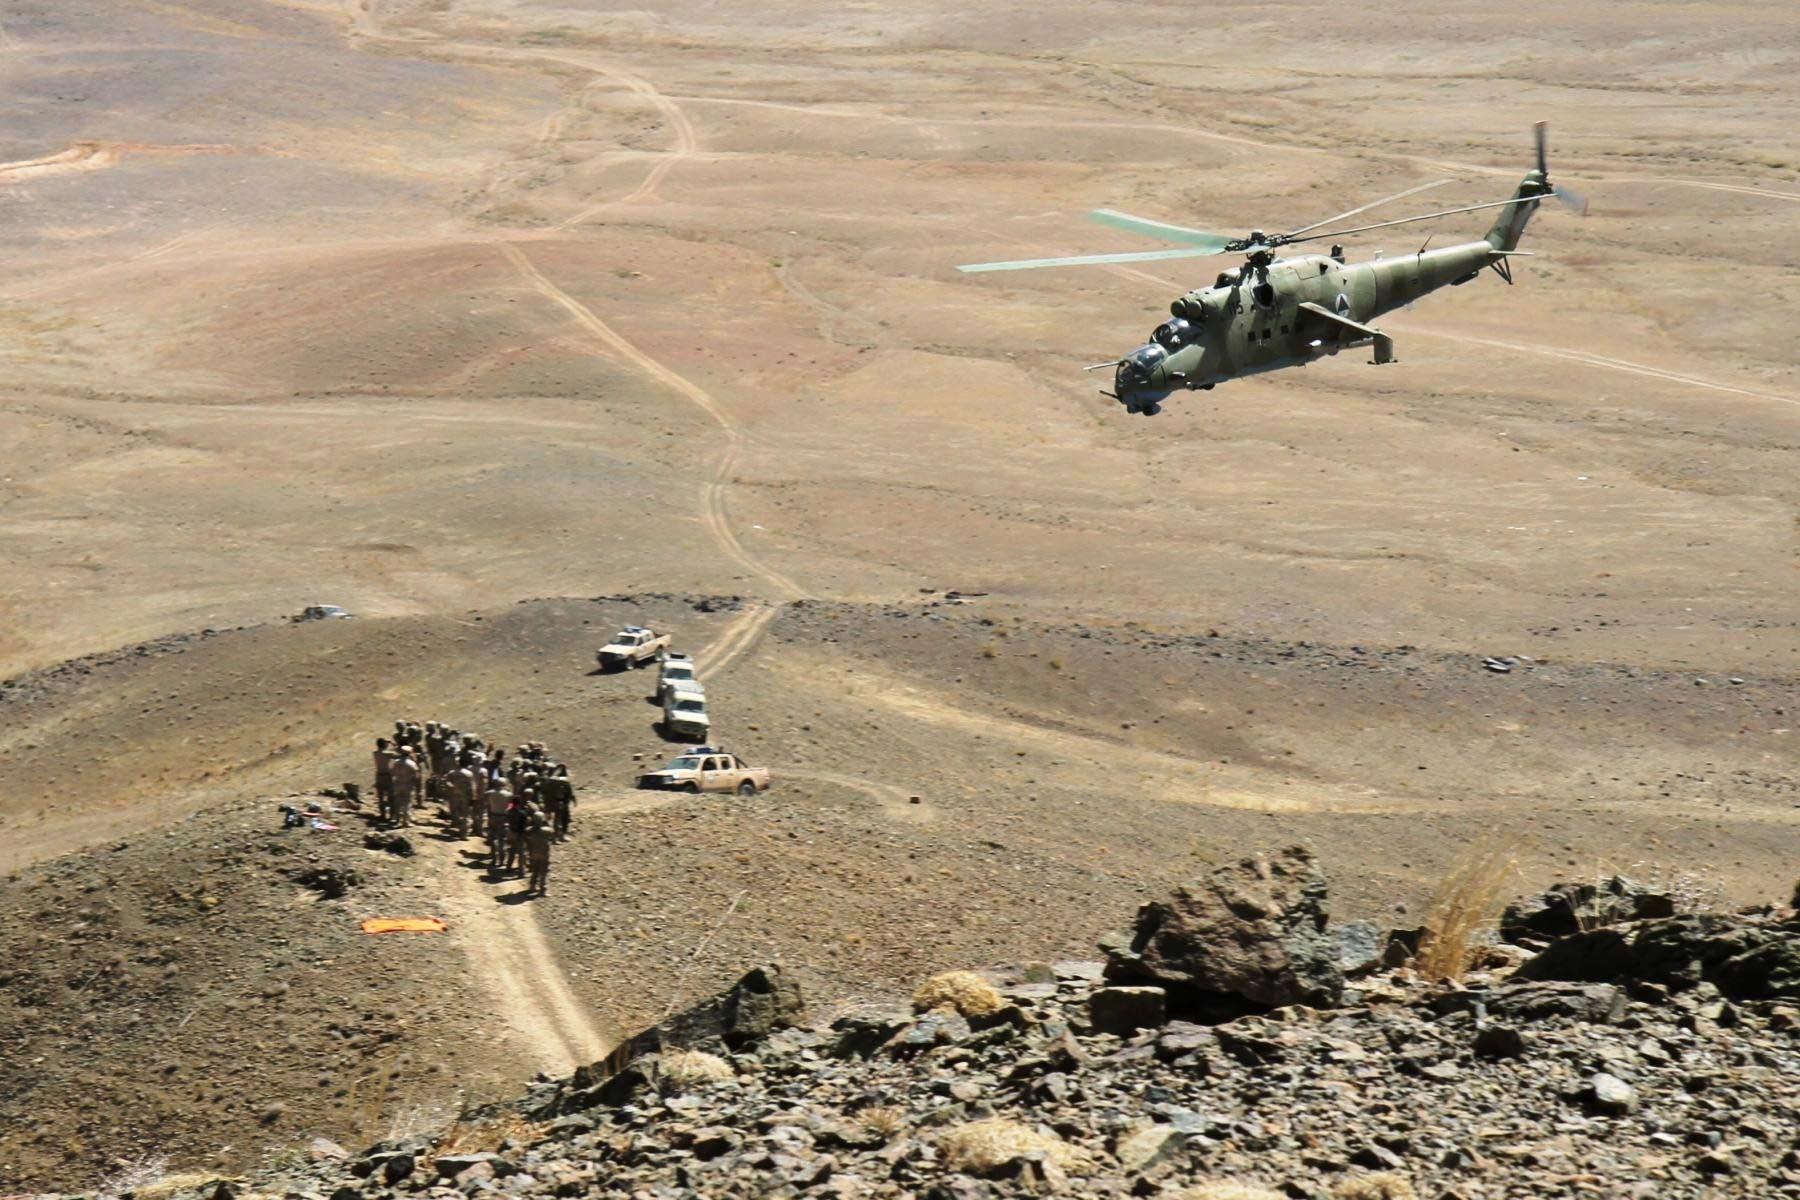 картинка афганский вертолет свадьбы можно